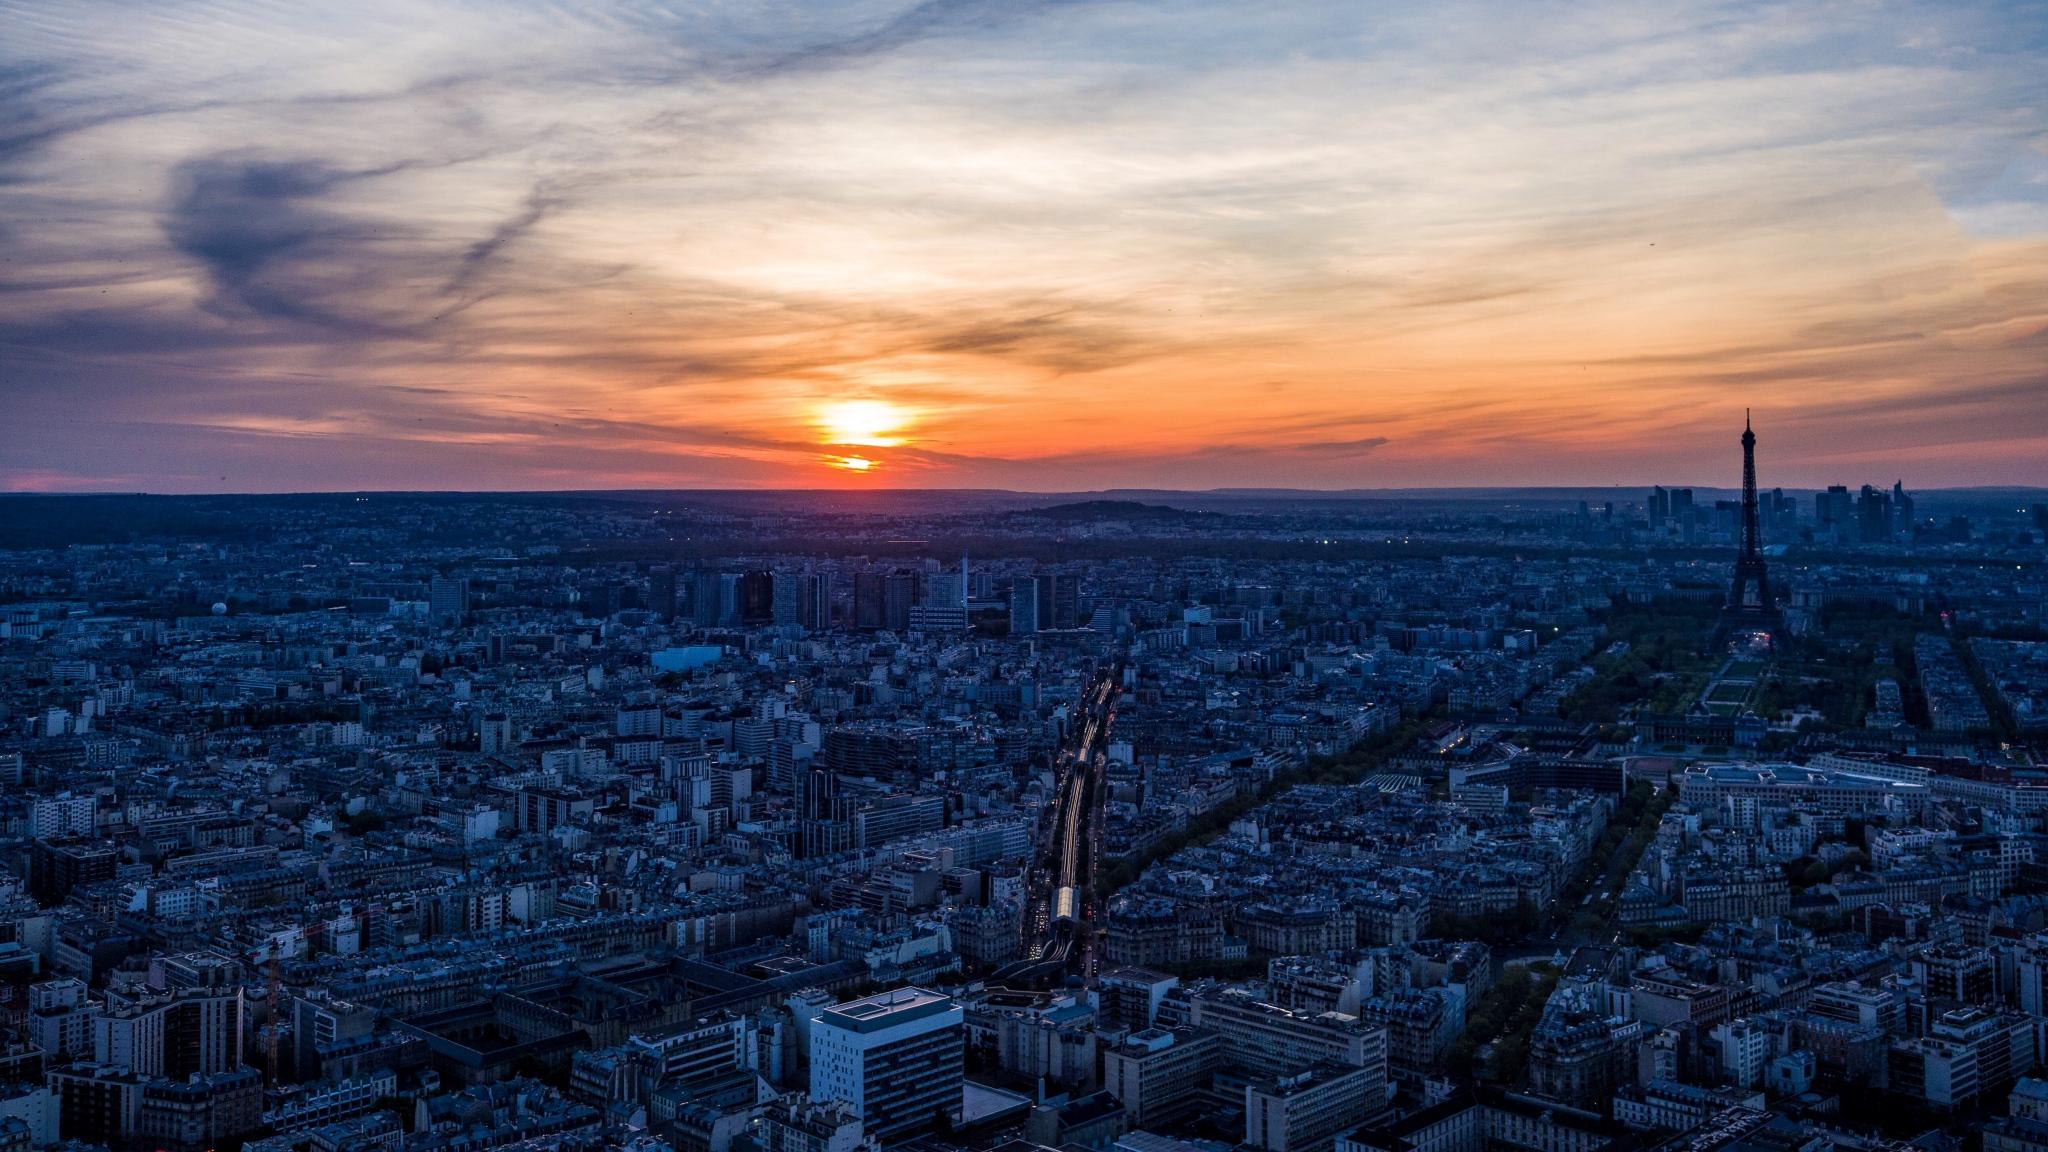 RONDIO-Gilles-Expo-2019-Papier-4-Paris-se-couche